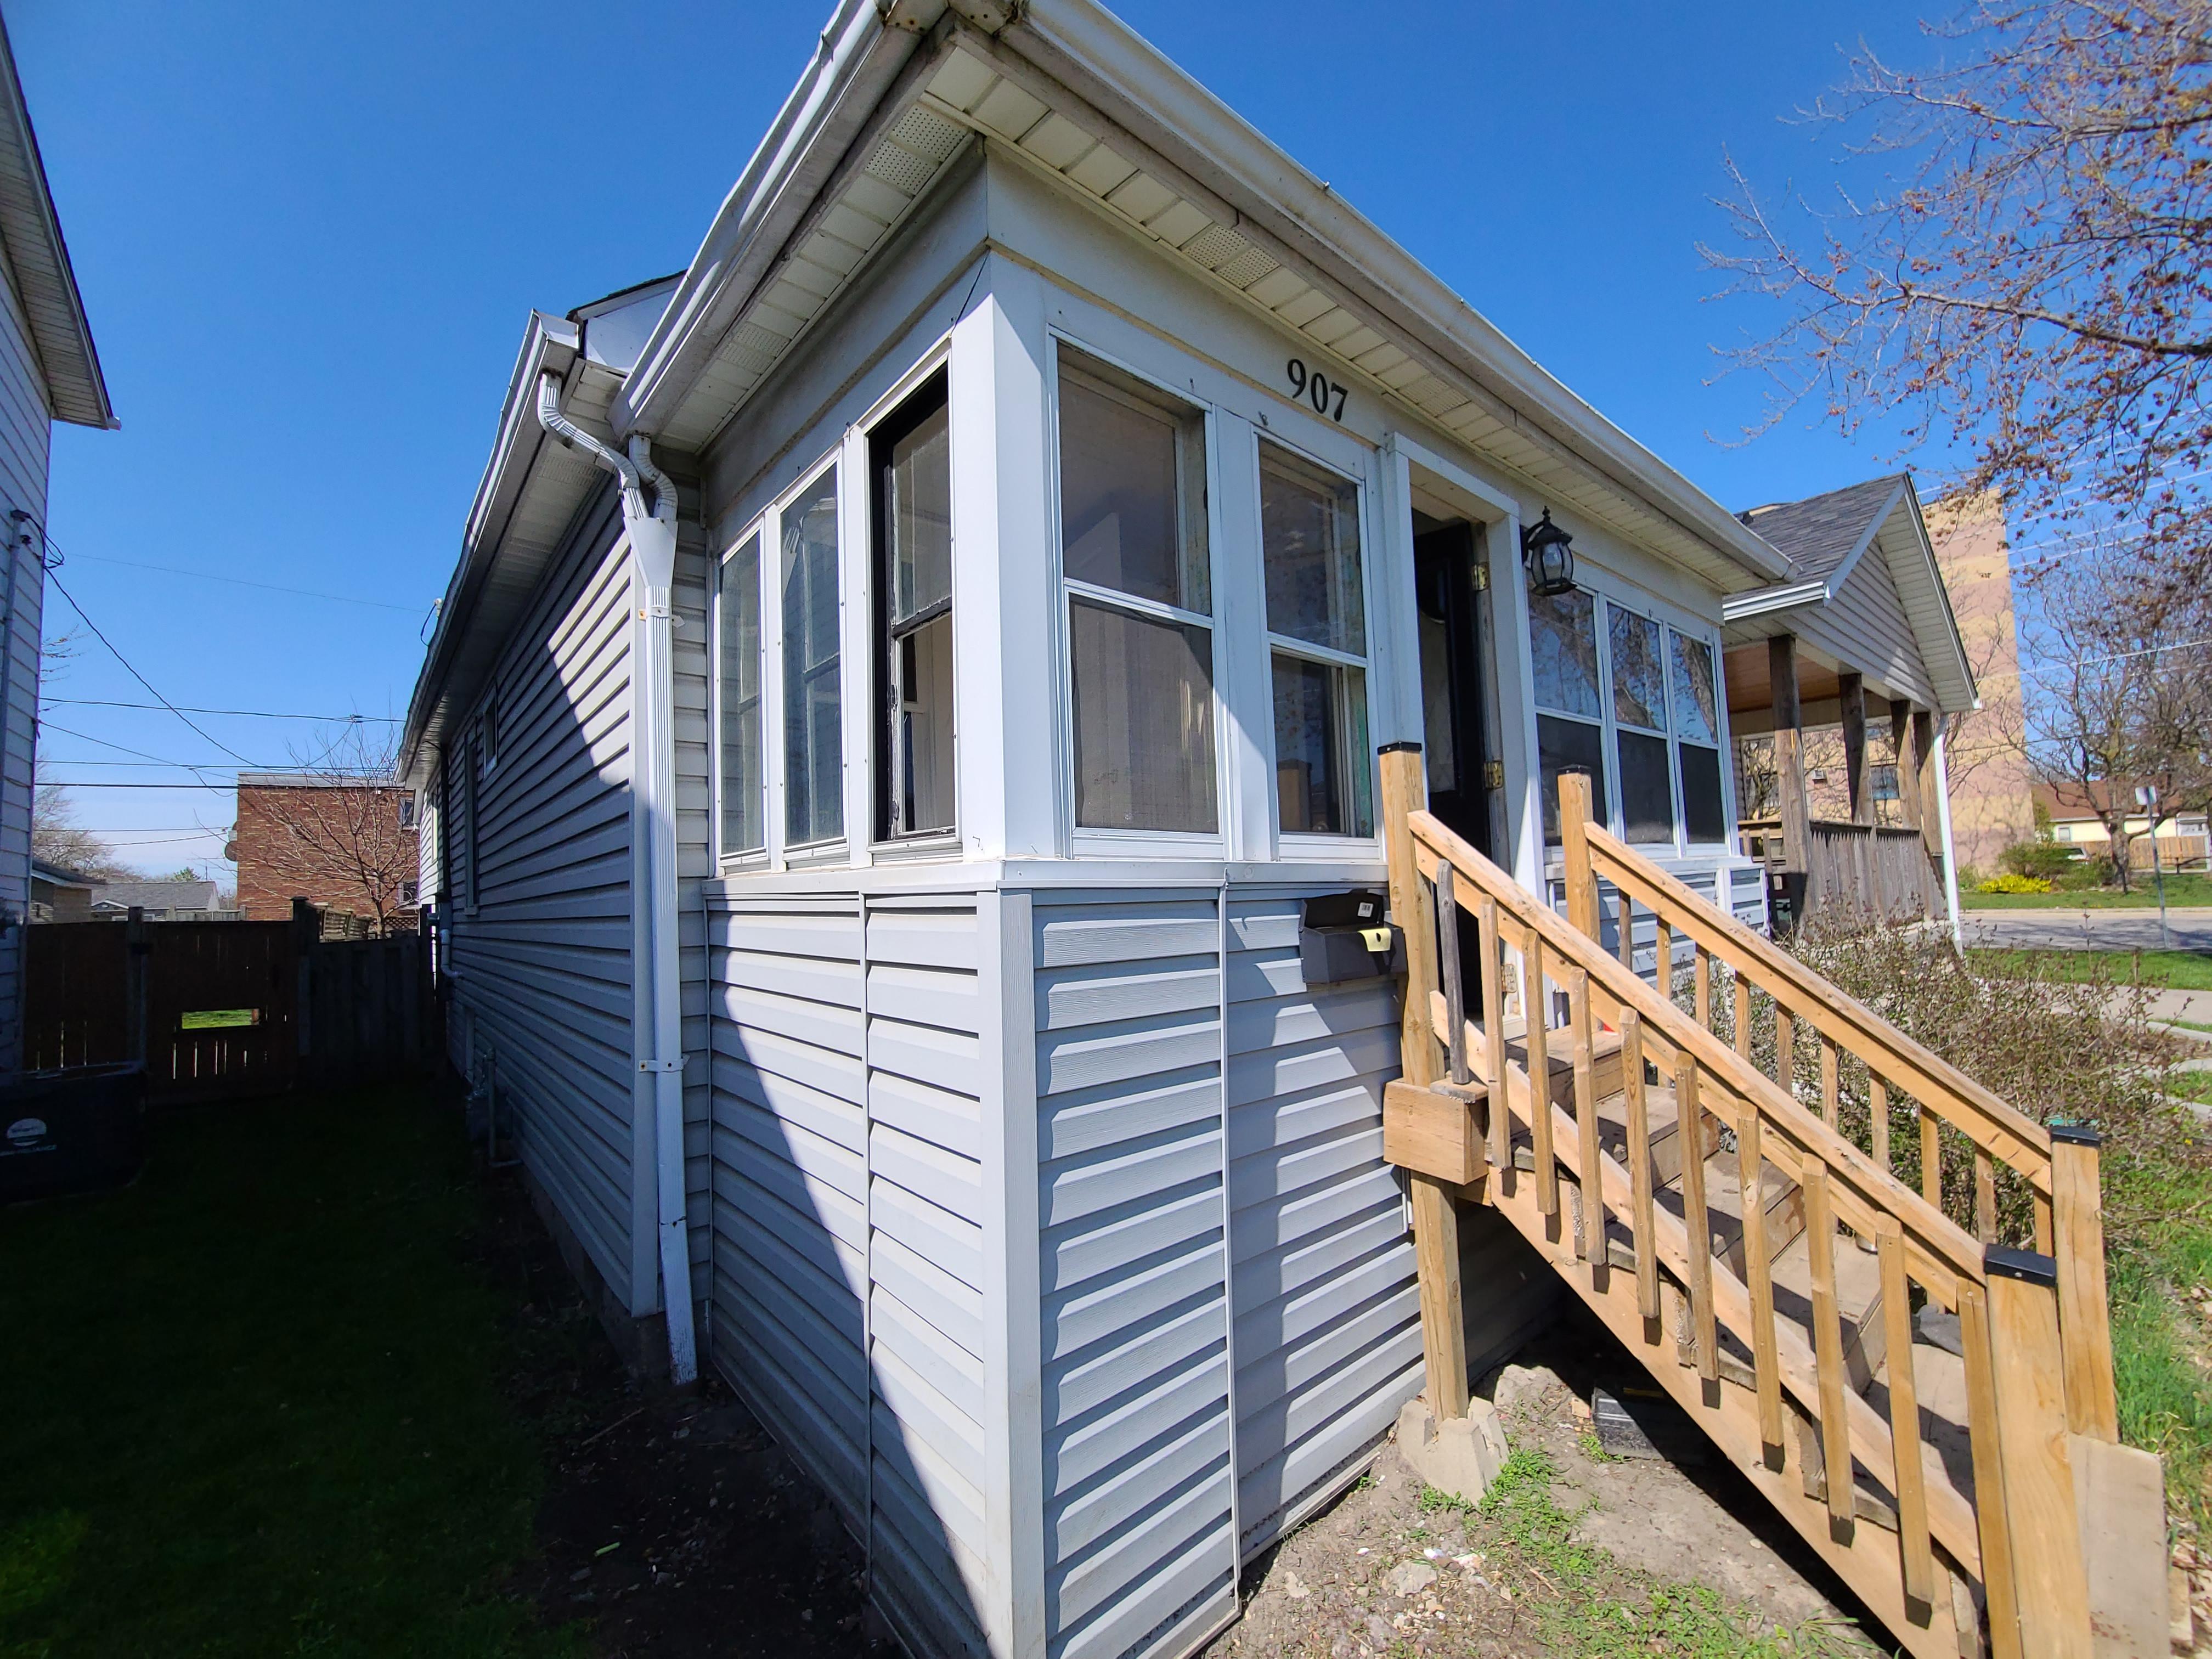 907 Bridge Ave, Windsor, Ontario    - Photo 4 - RP8818198460